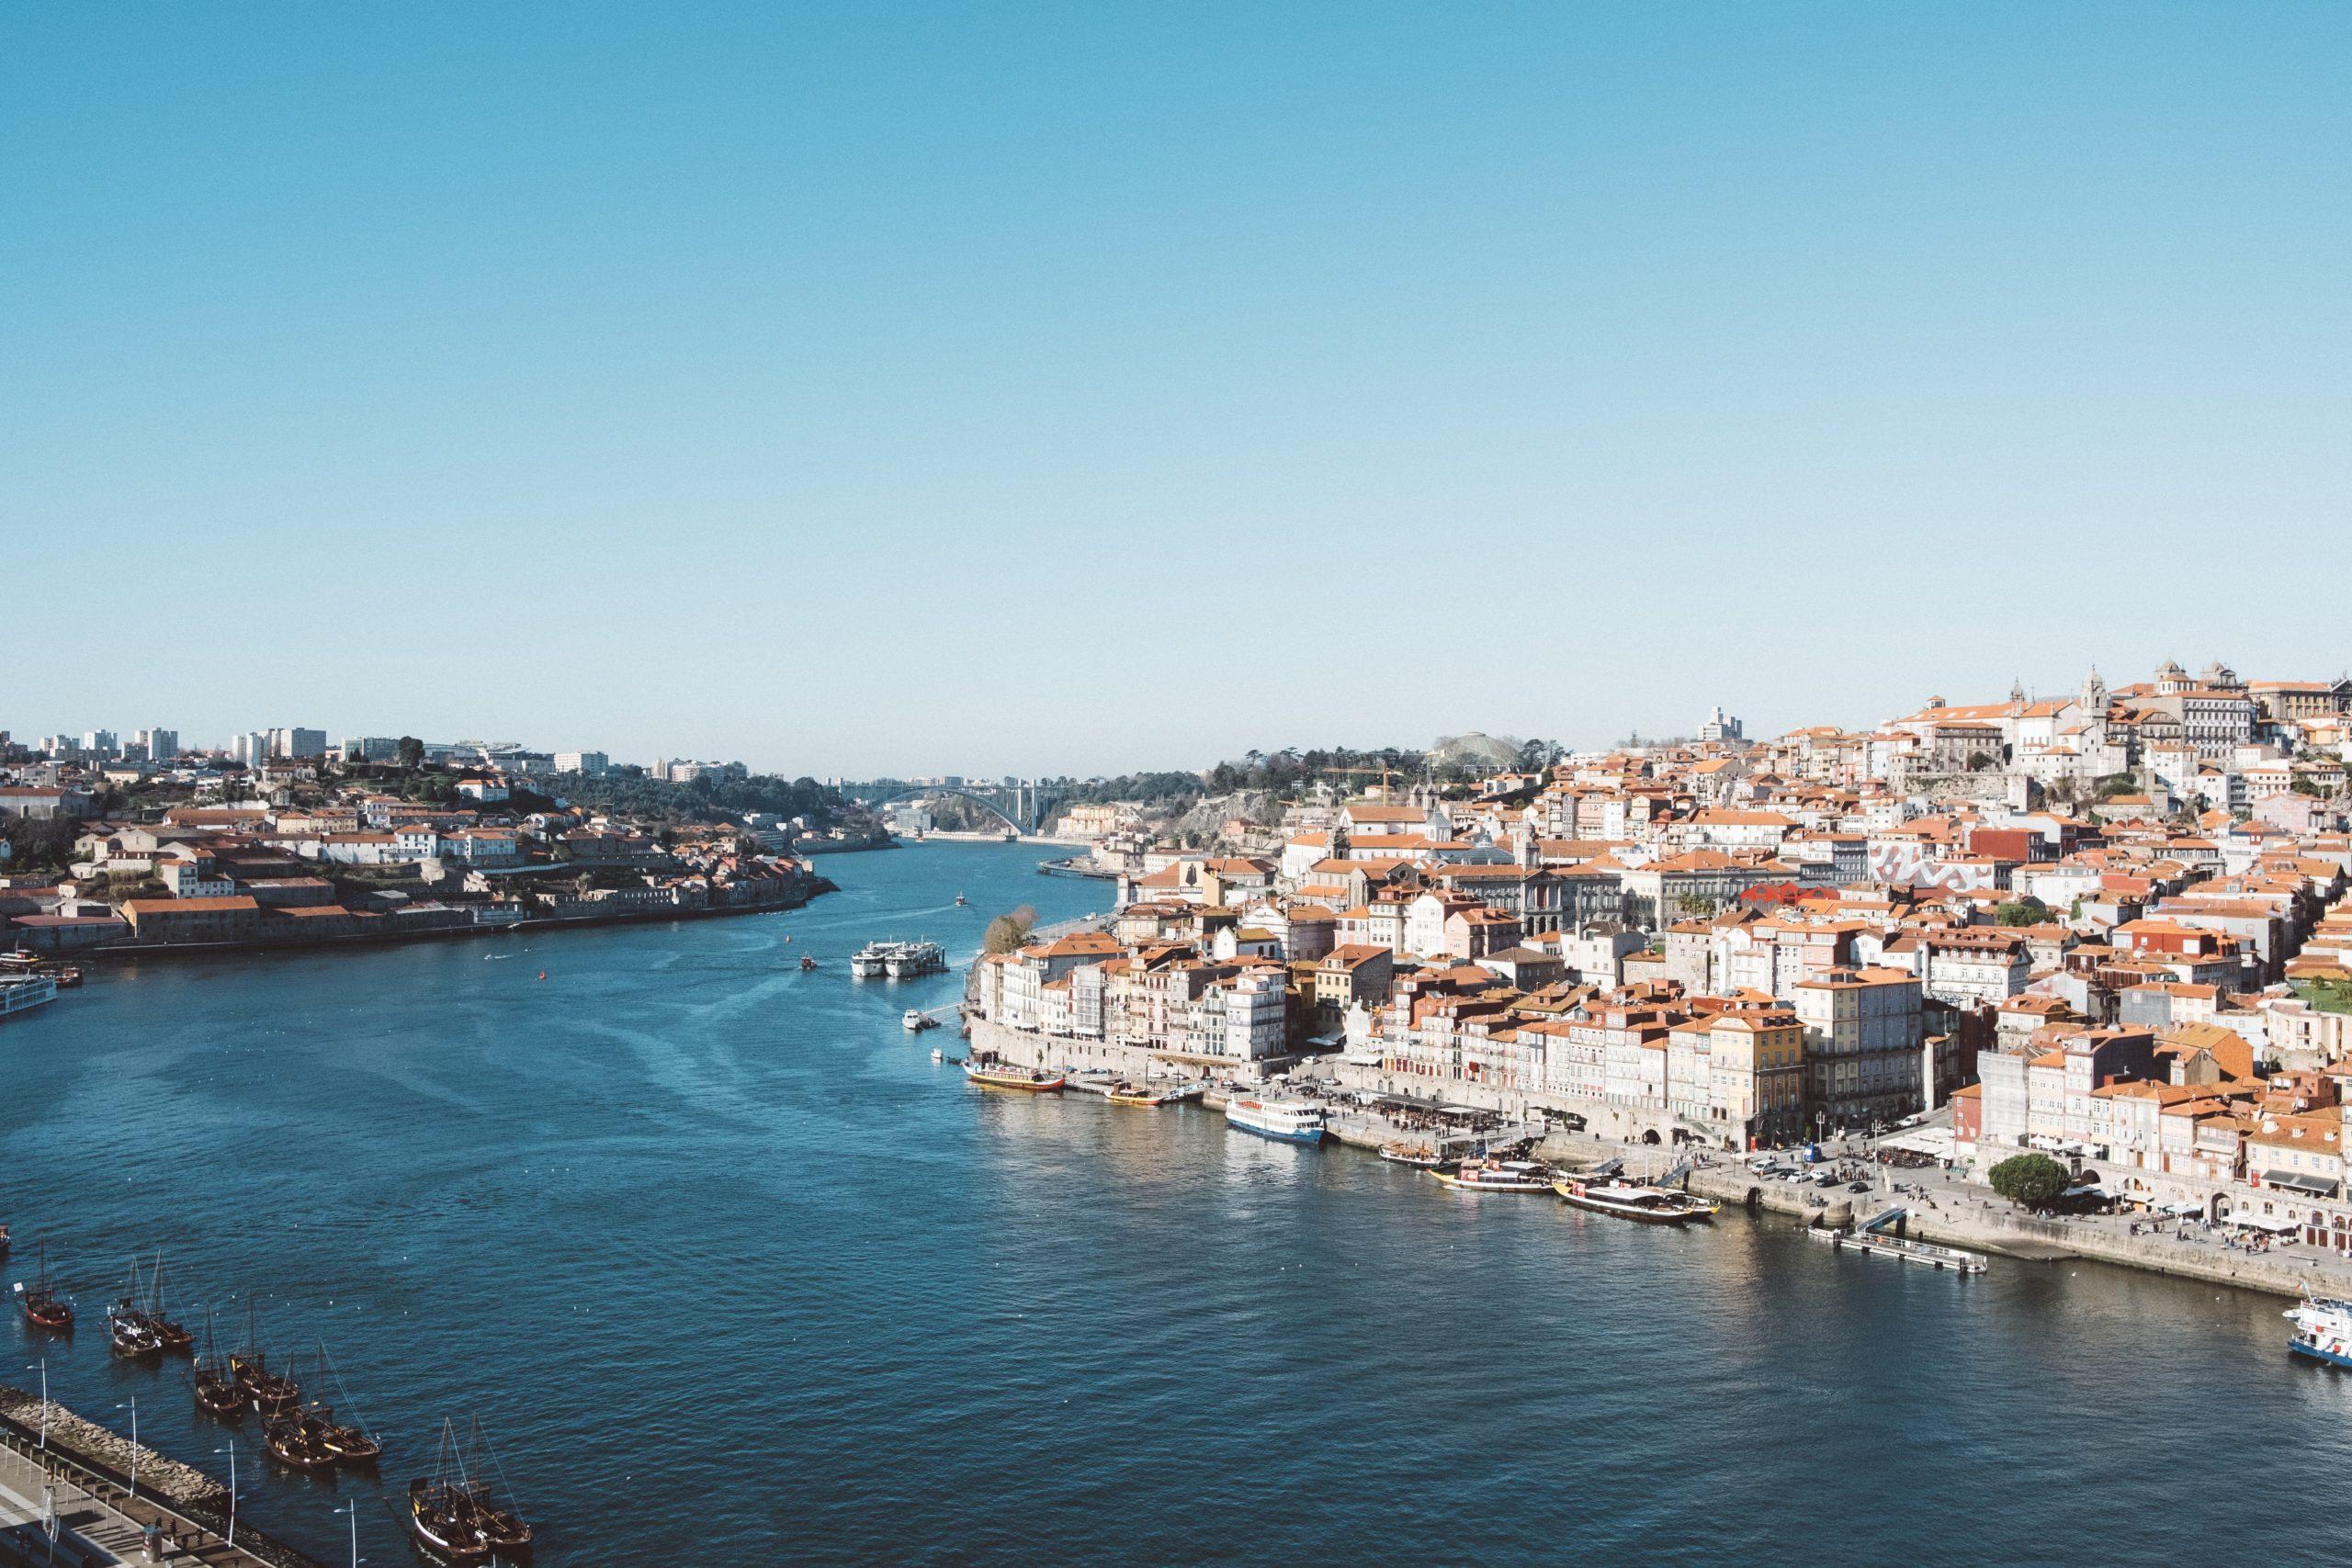 Florerende vastgoedmarkt in Portugal maakt investeringen nu interessant!